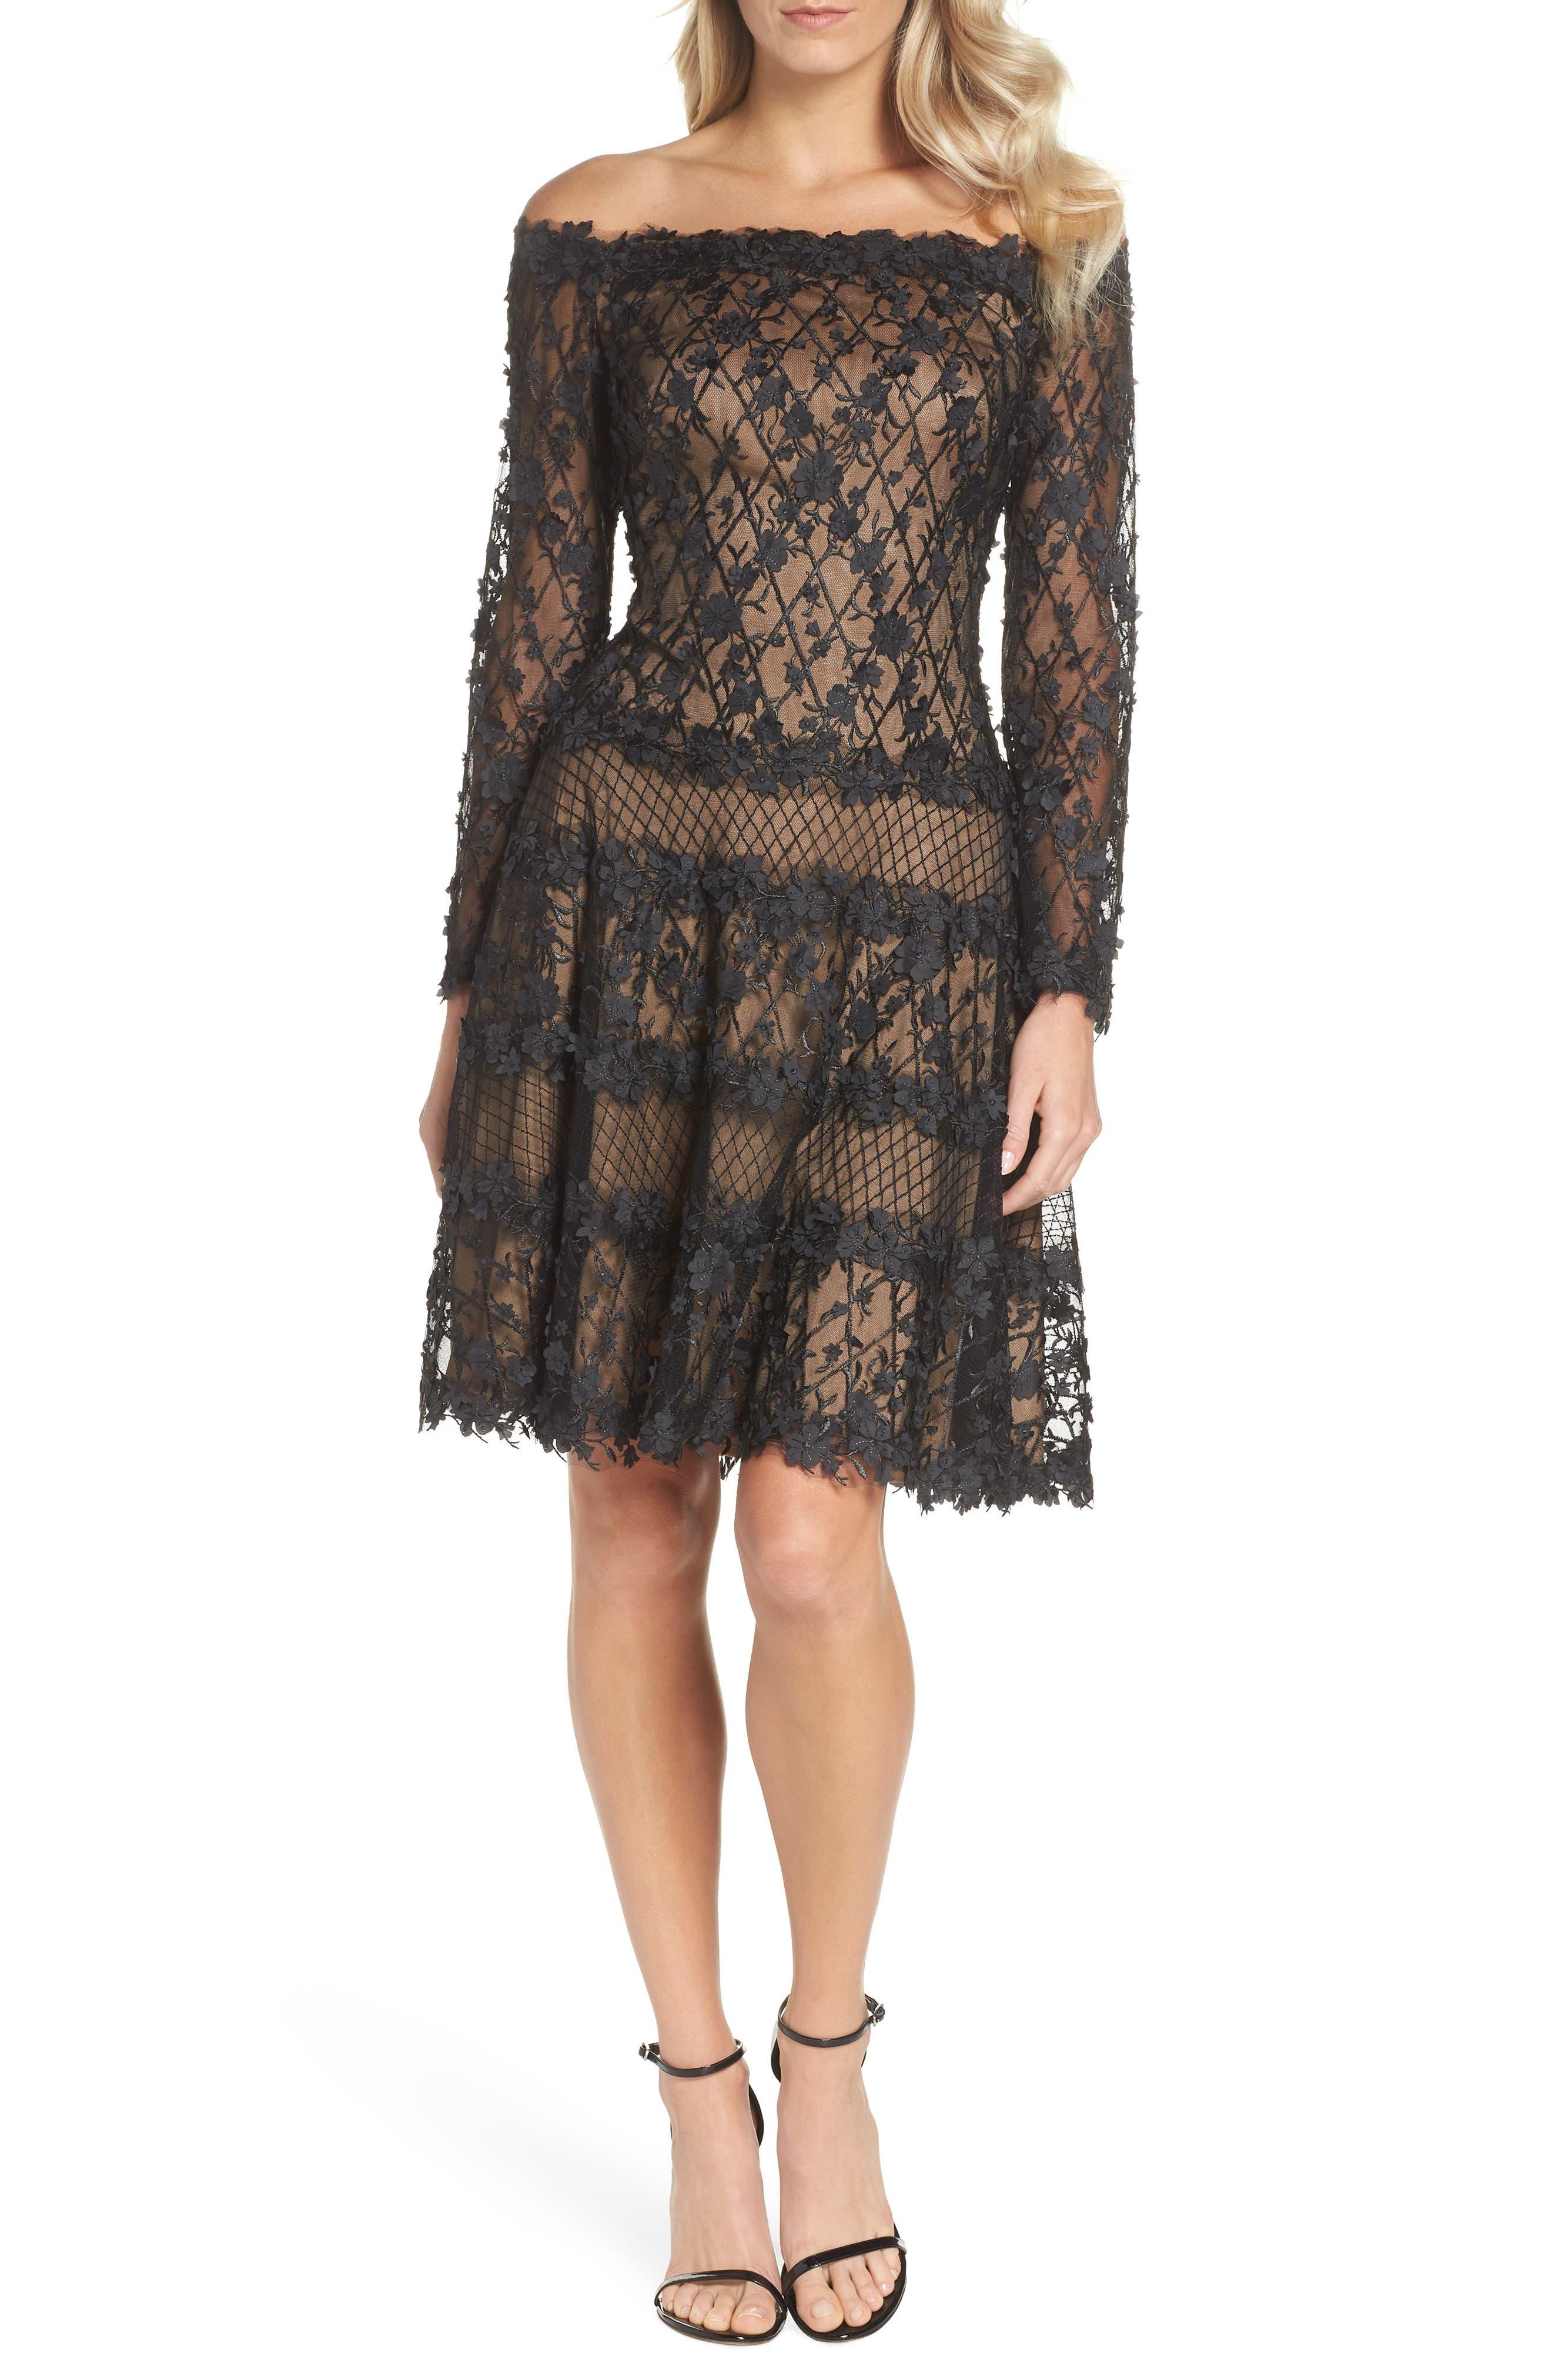 3D Flower Off the Shoulder Dress,                         Main,                         color, BLACK/ NUDE